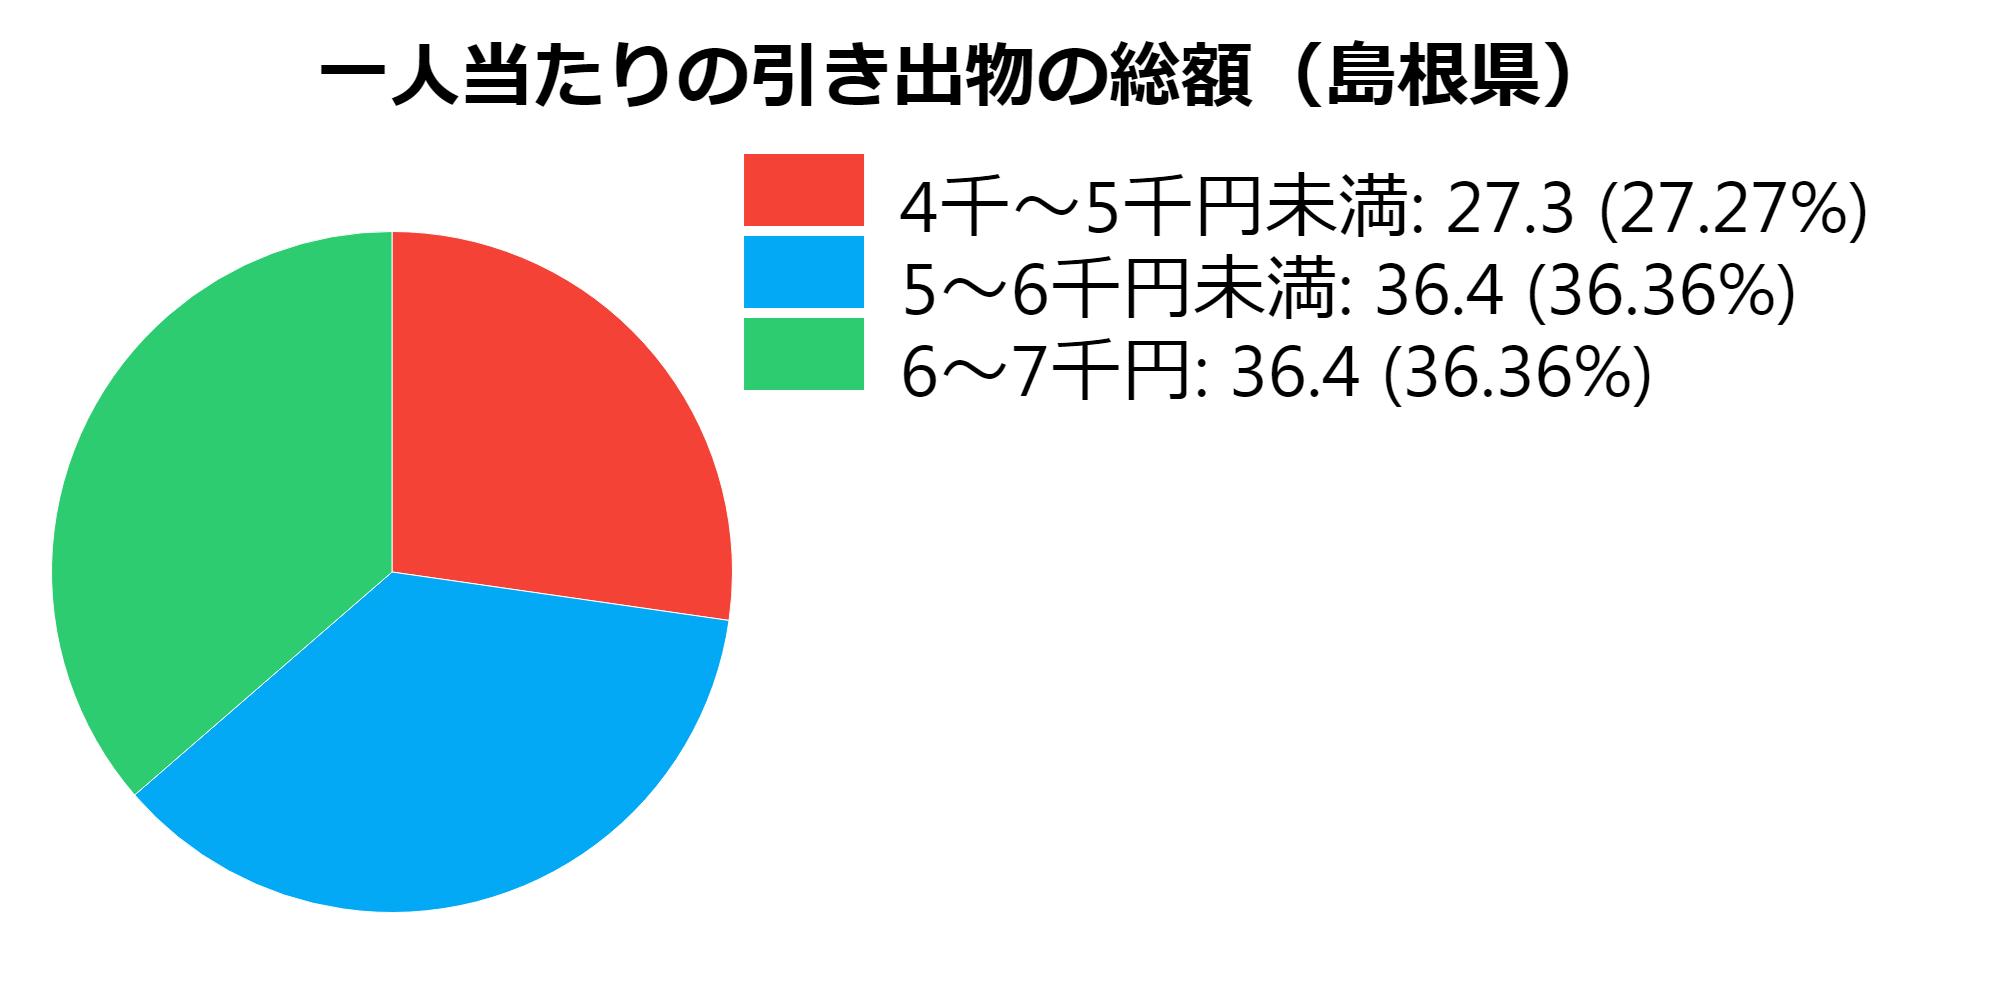 総額(島根県)